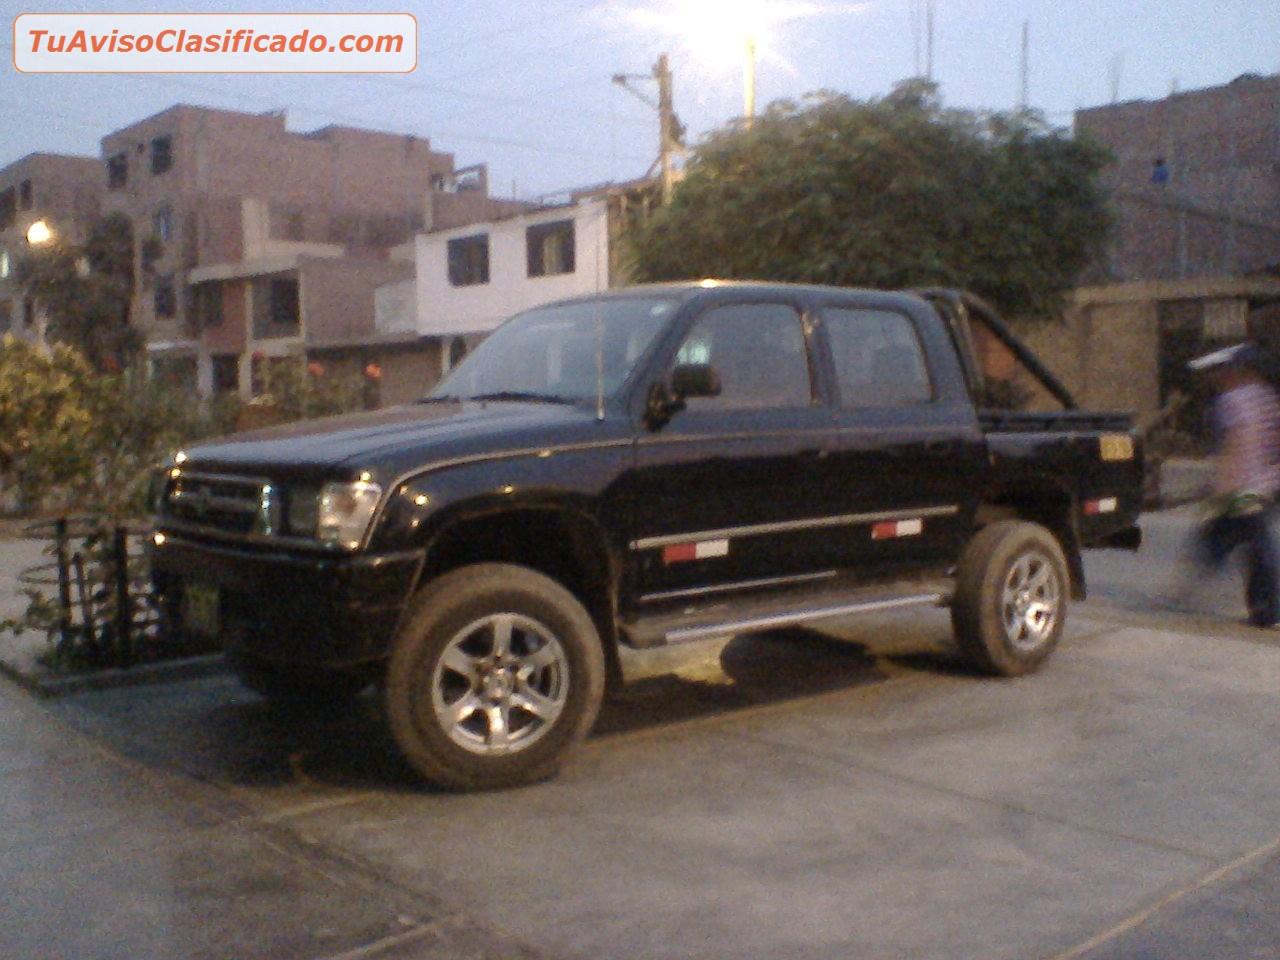 Venta De Carros En Honduras >> Compra Y Venta De Camionetas En Oaxaca ...